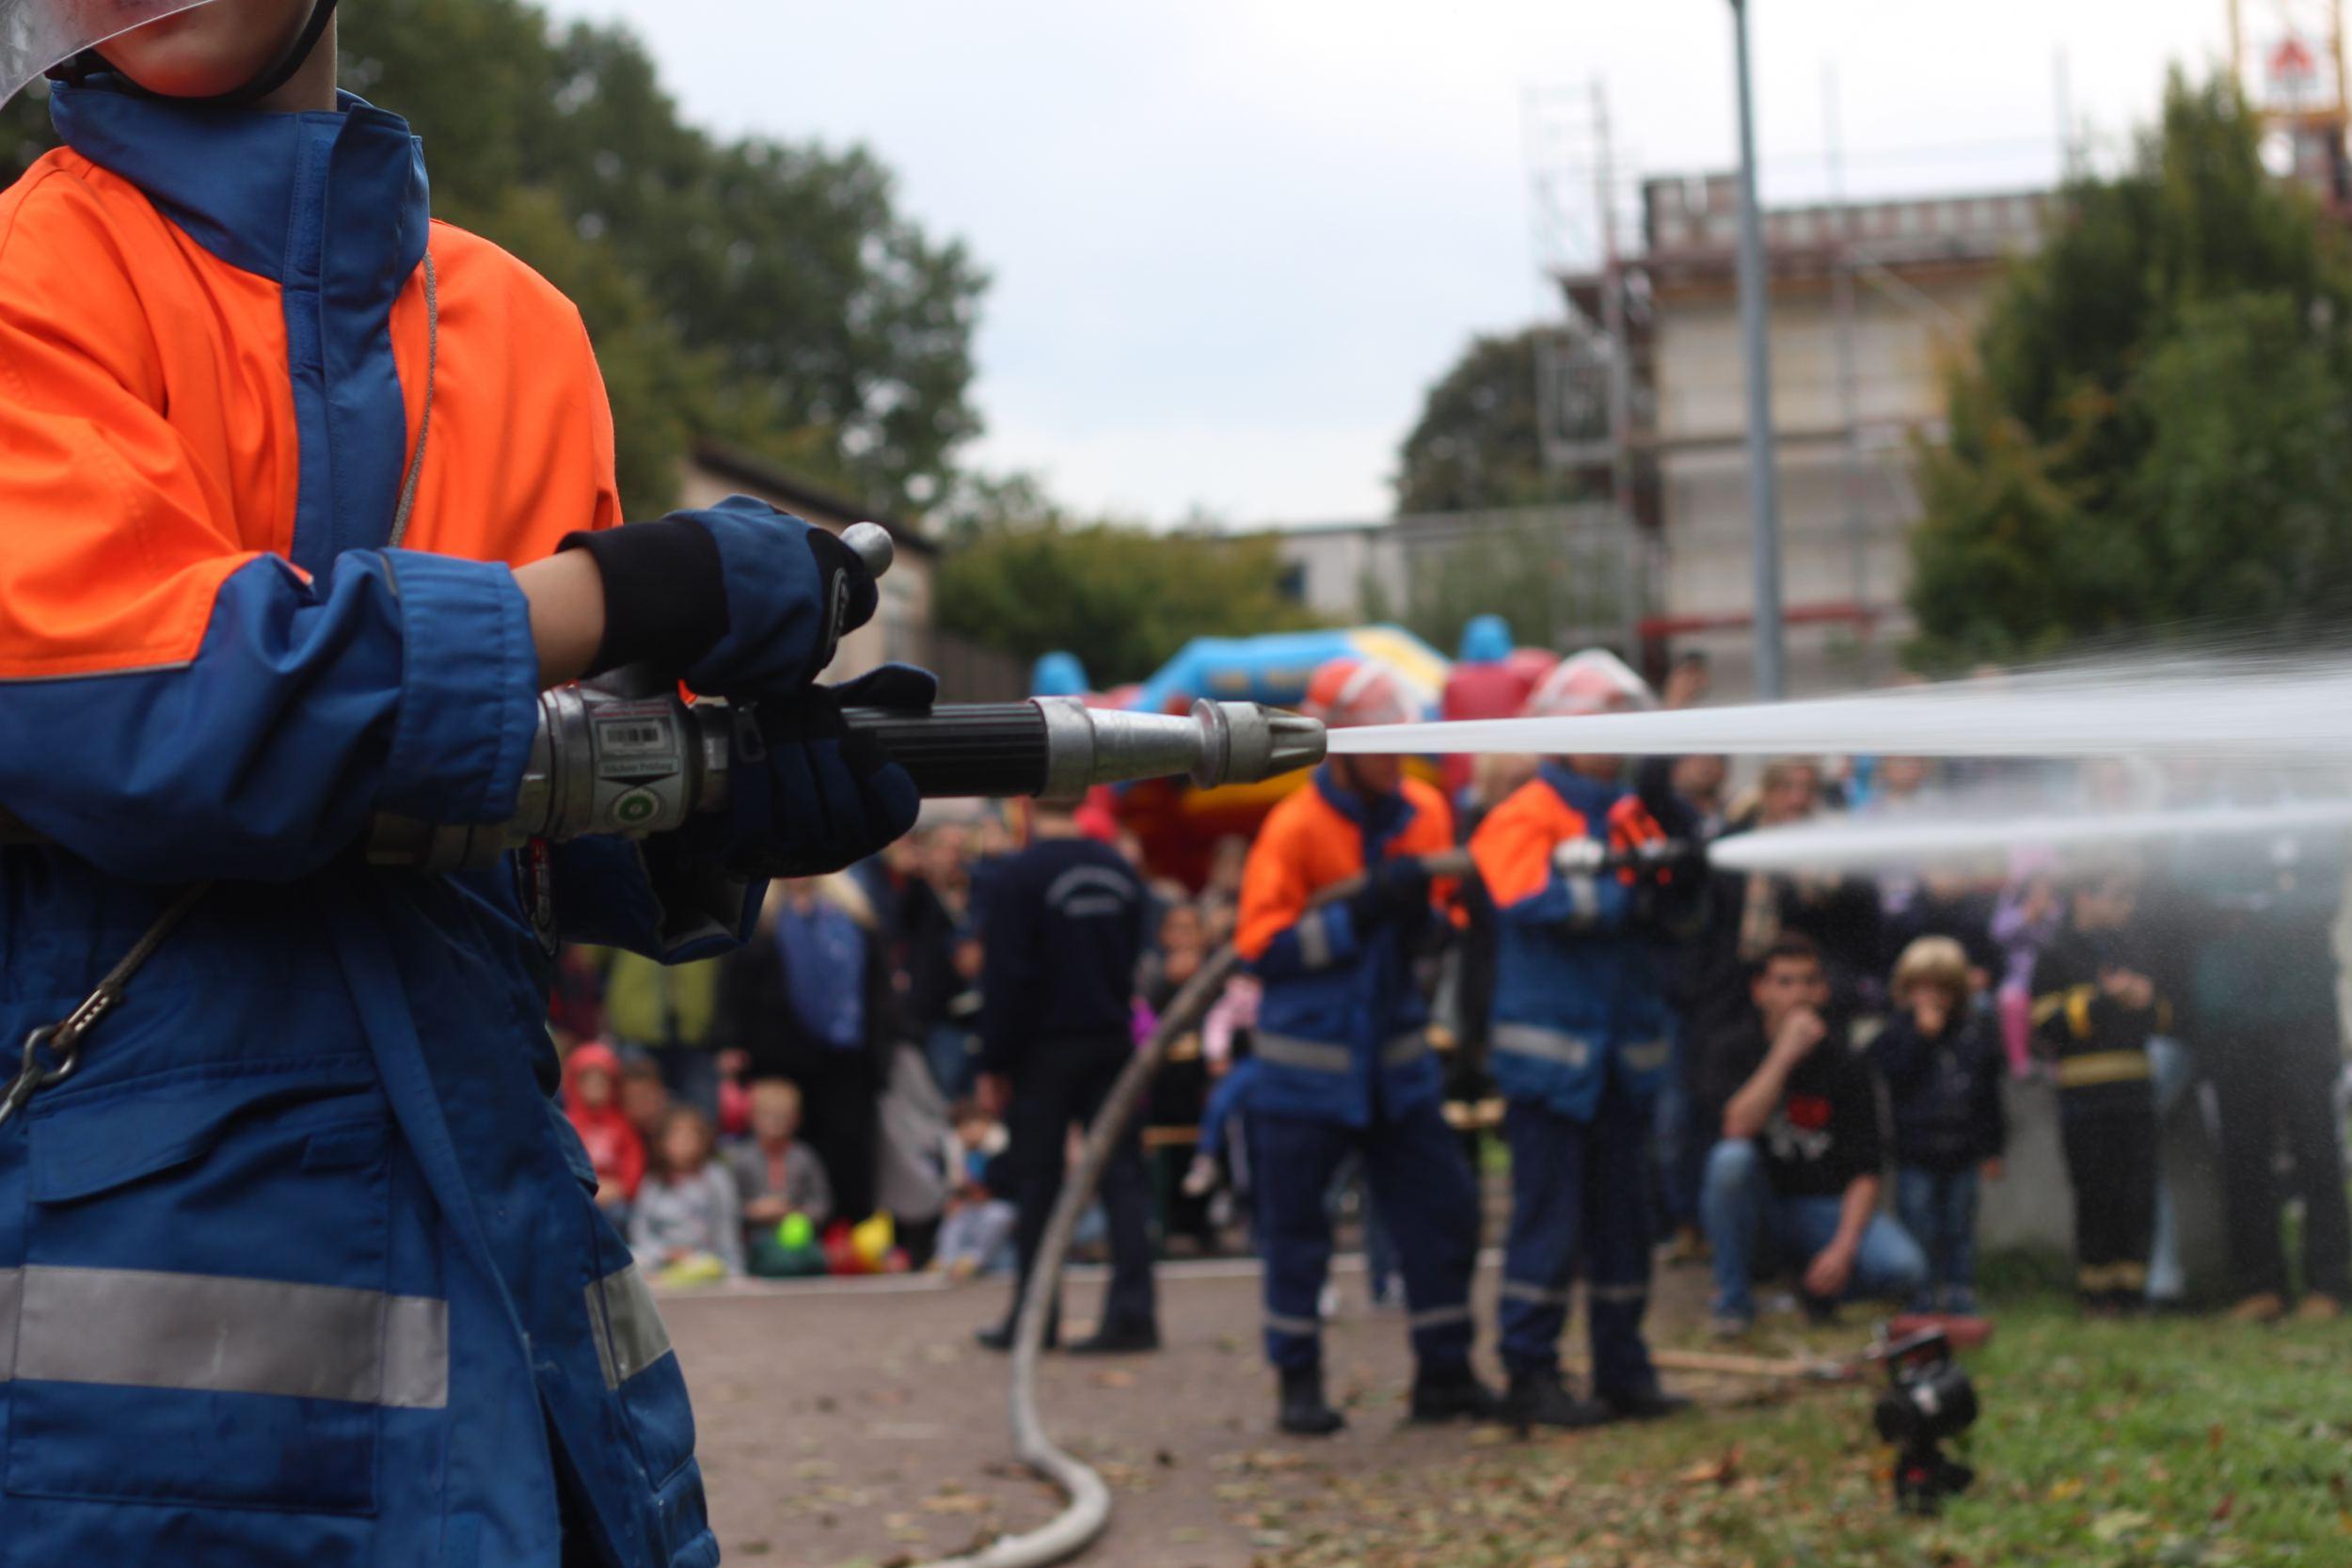 Feuerwehrtag: Ein Tag zum Staunen, Erleben und Anfassen